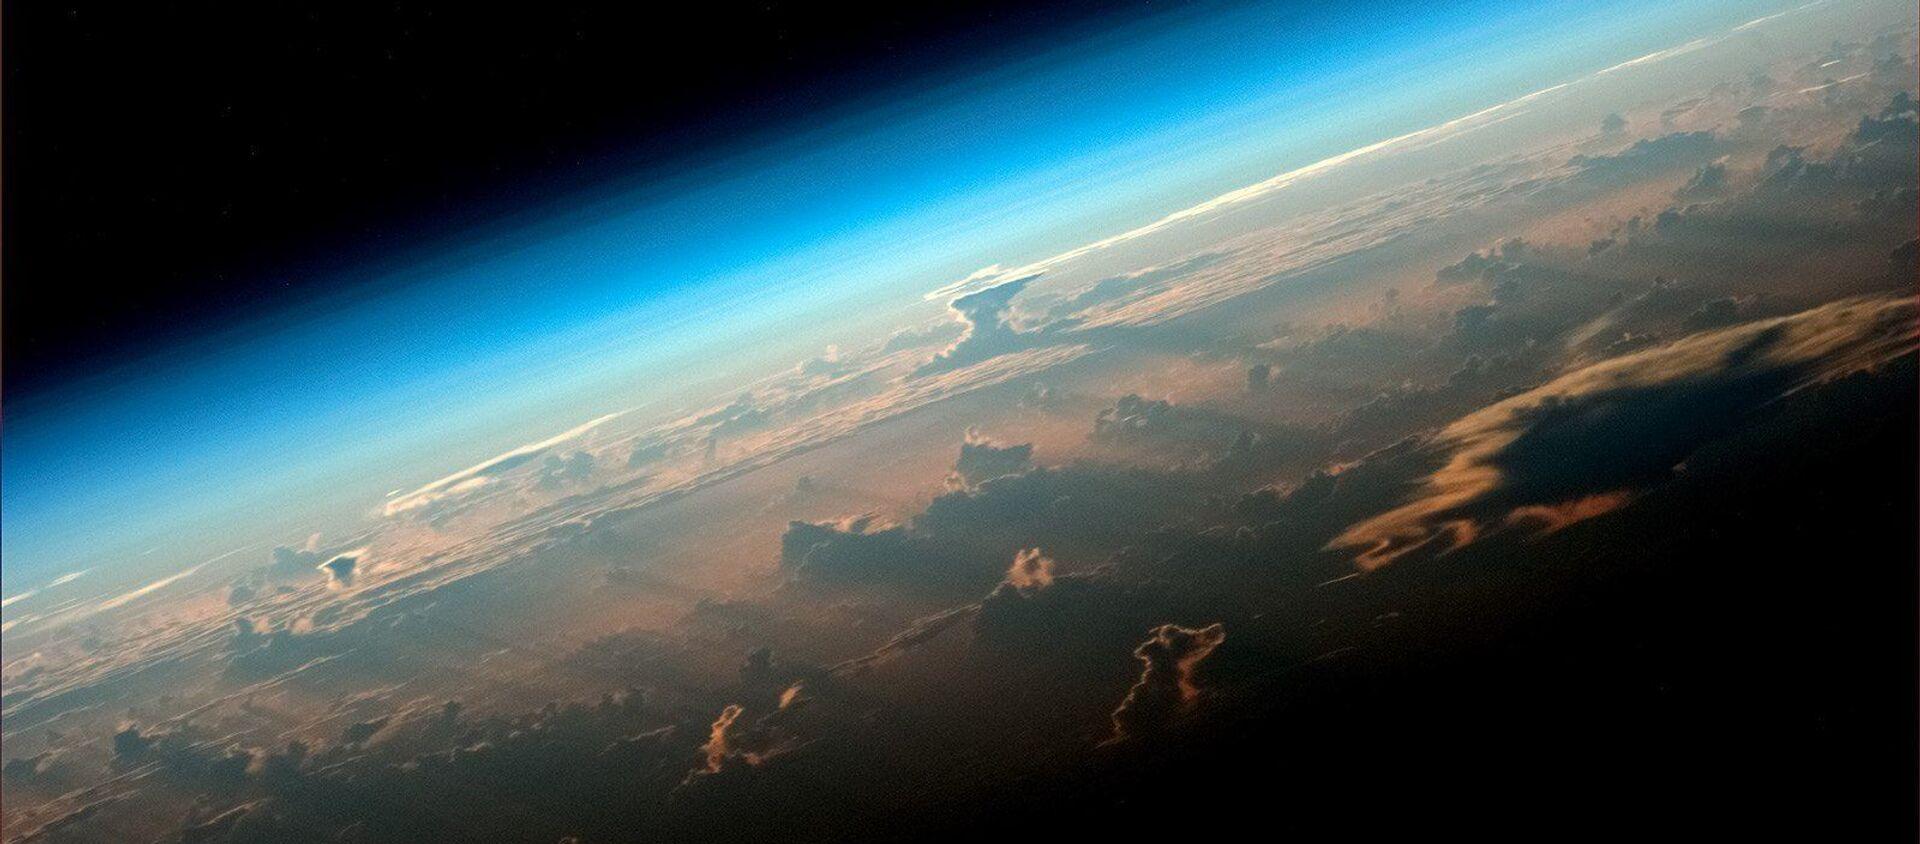 Вид на Землю с борта МКС снятый космонавтом Роскосмоса Олегом Артемьевым - Sputnik 日本, 1920, 21.06.2021